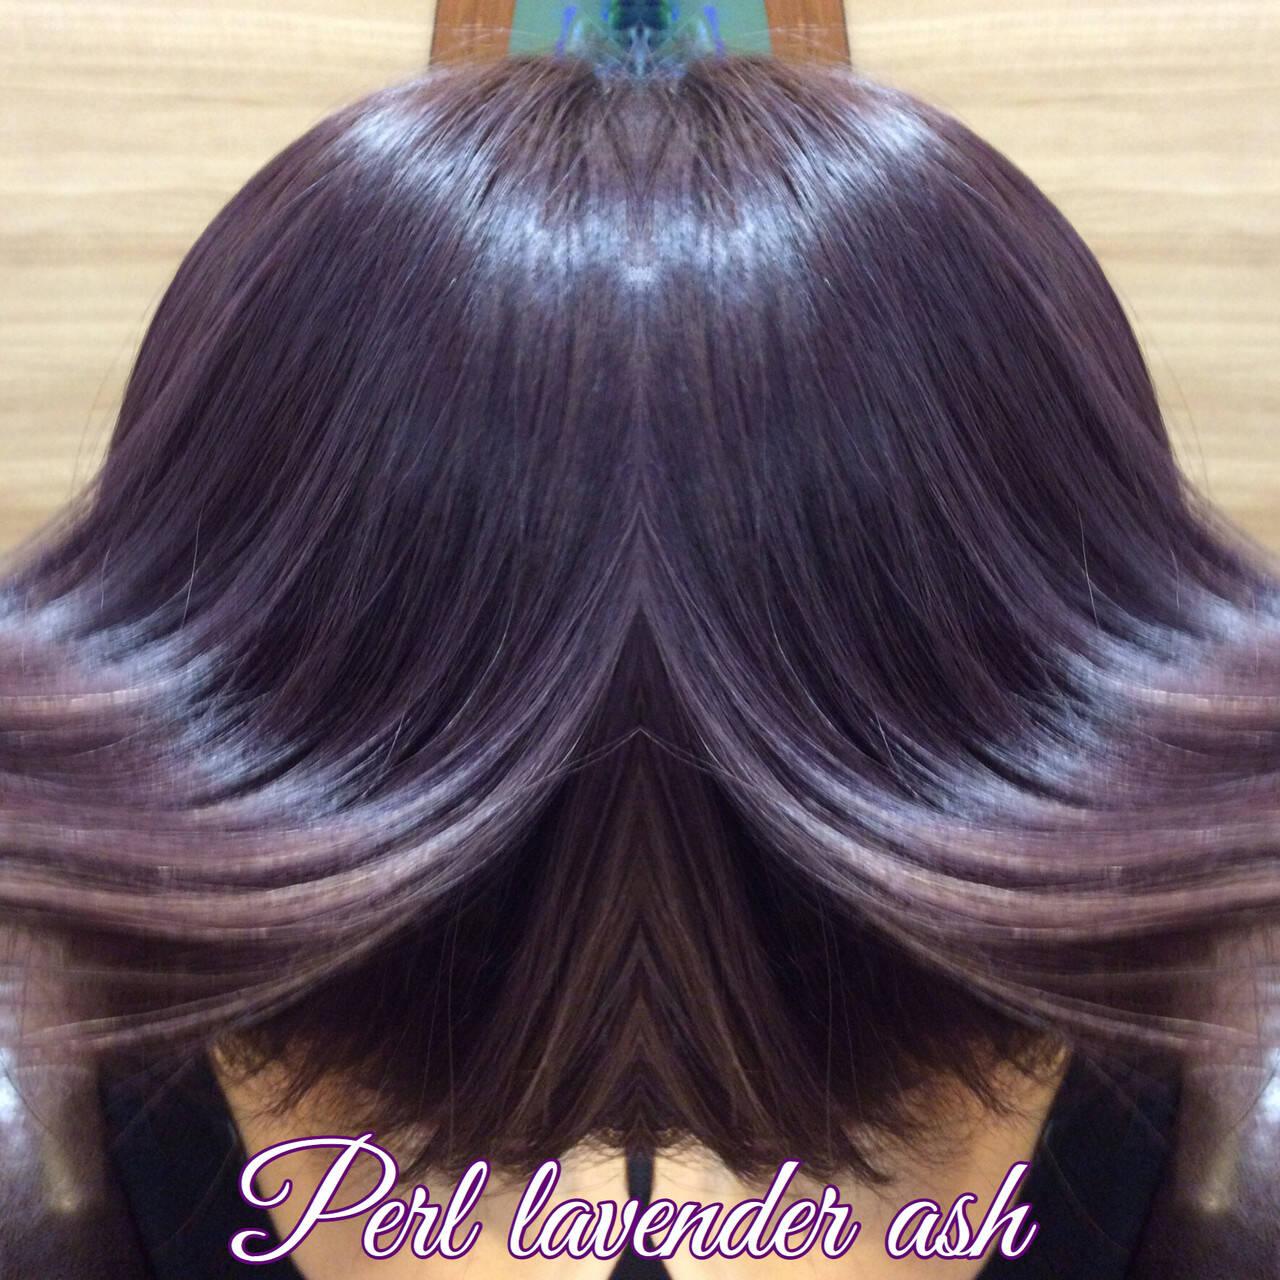 ボブ 透明感カラー ナチュラル可愛い ガーリーヘアスタイルや髪型の写真・画像